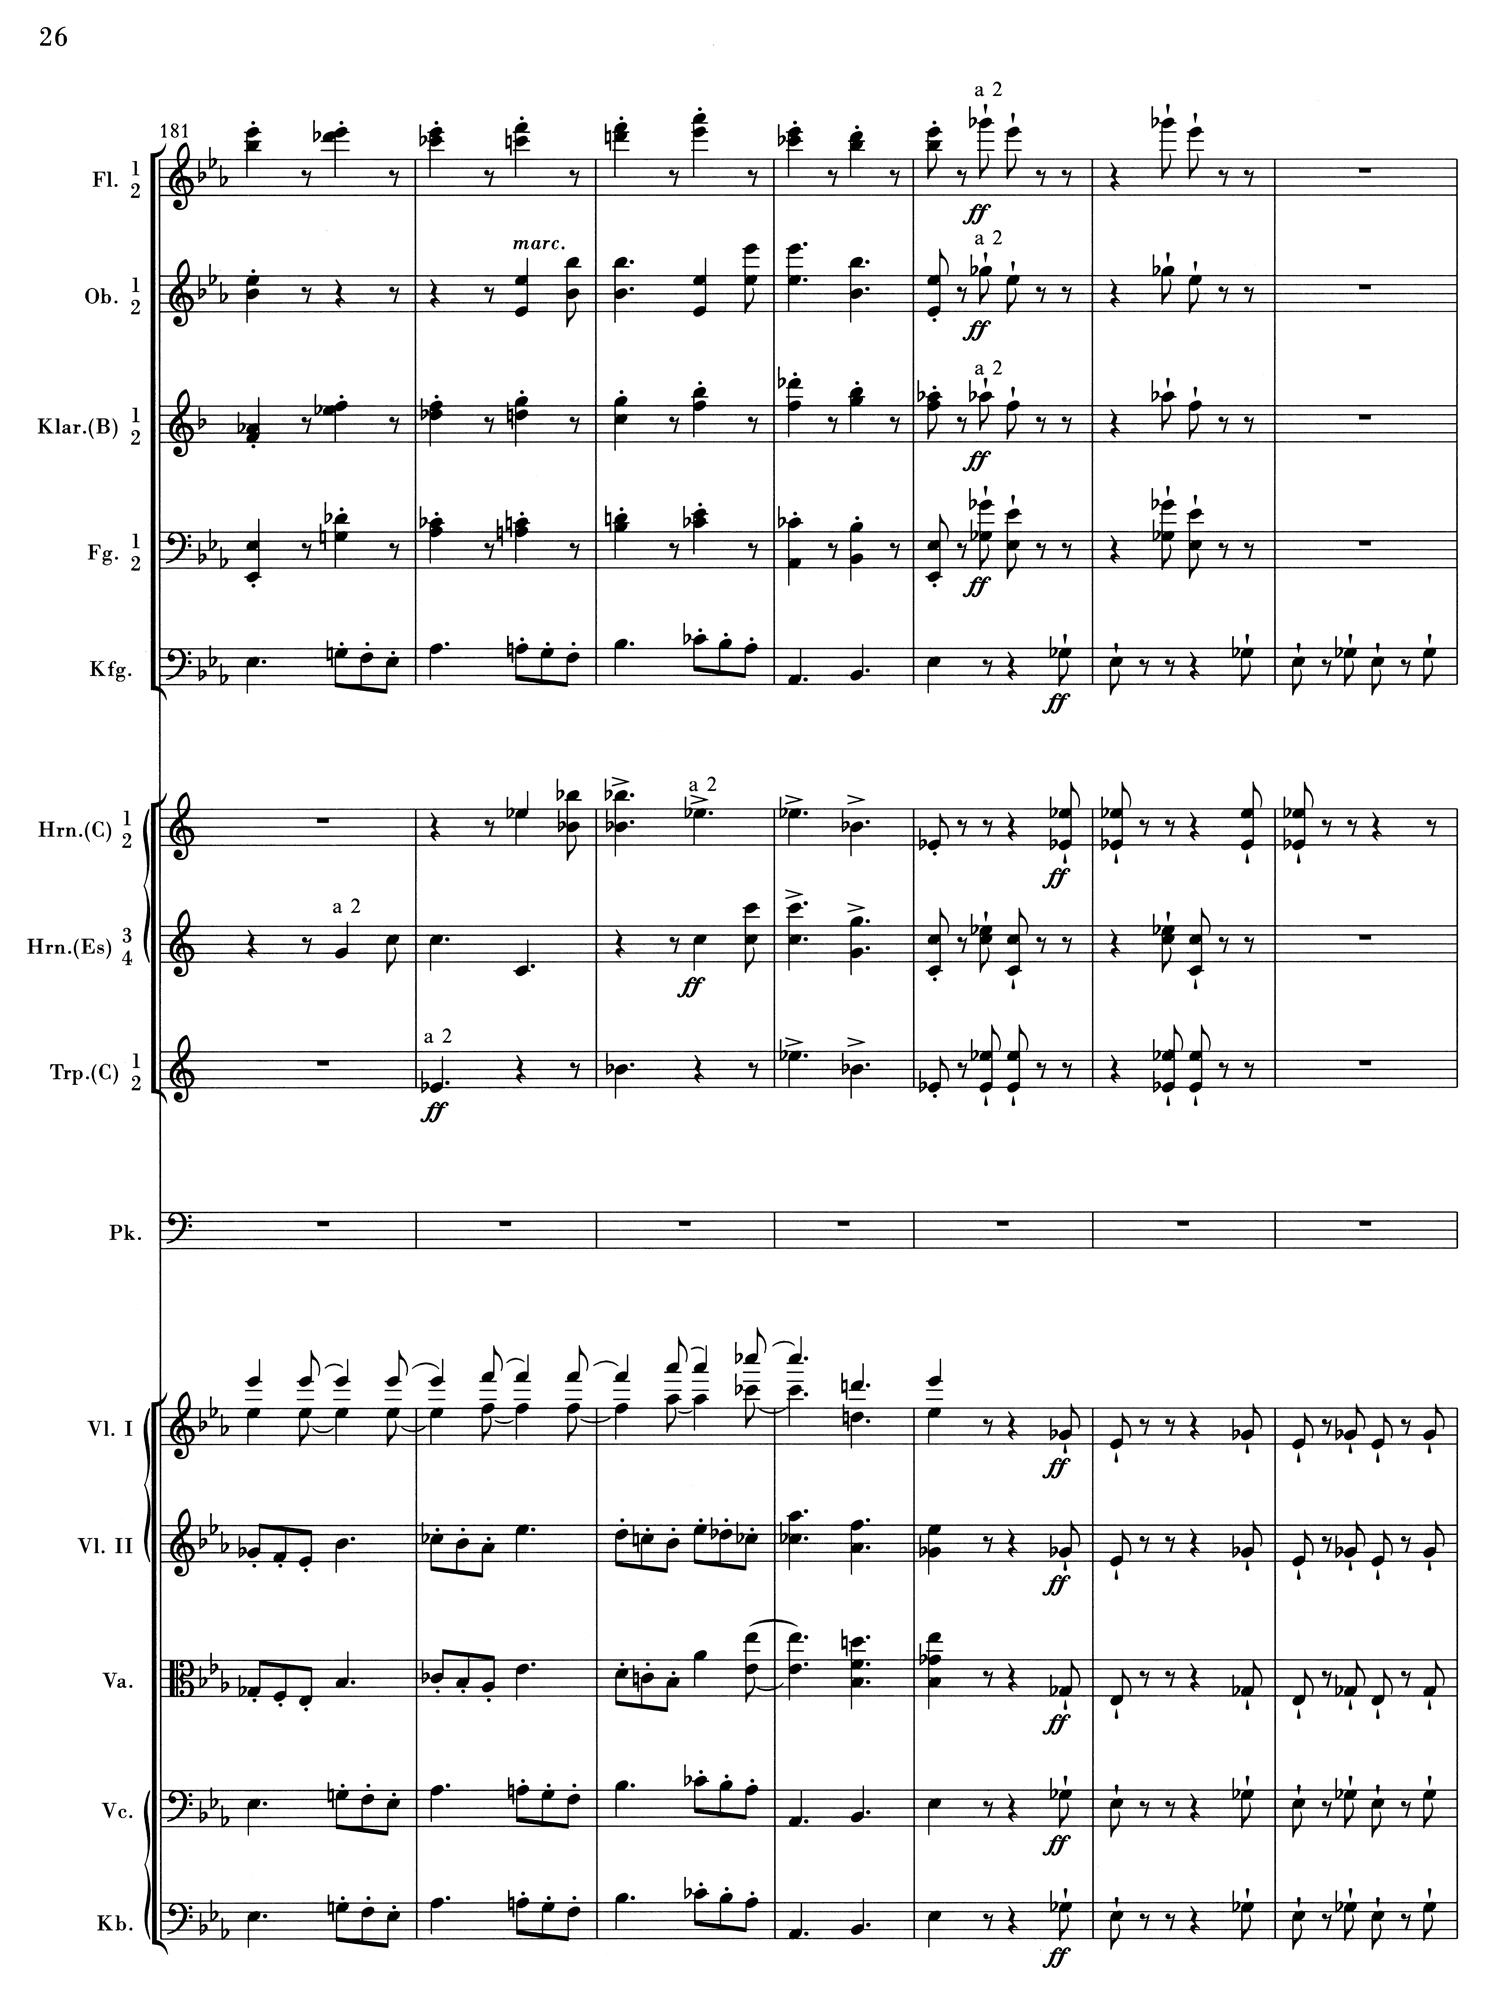 Brahms 1 Mvt 1 Score 4.jpg